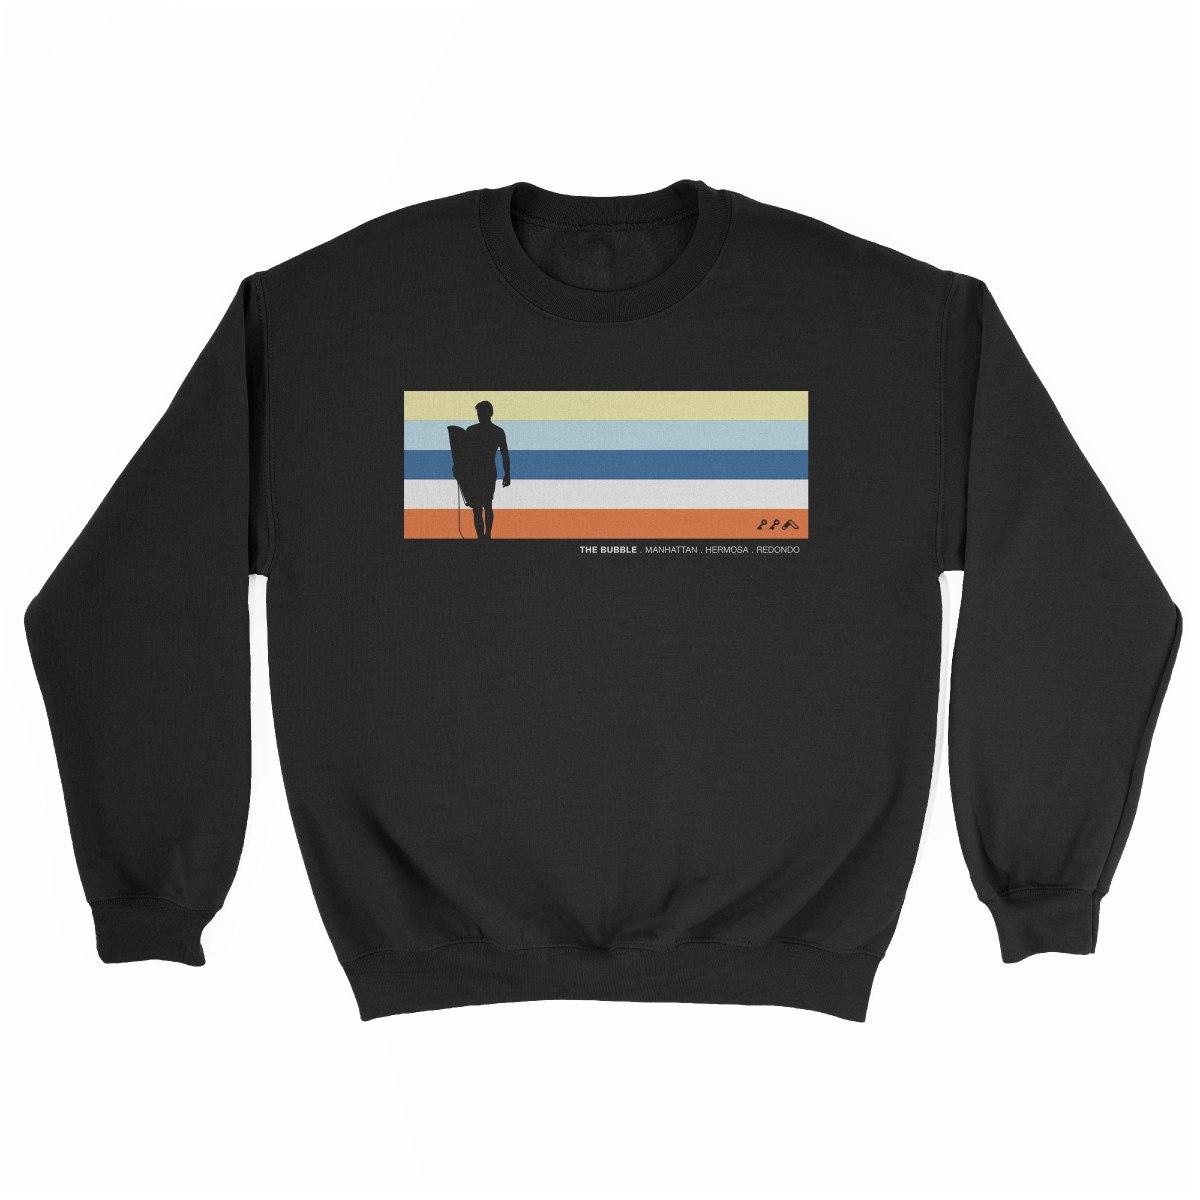 the bubble manhattan hermosa redondo beach sweatshirt in black by kikicutt sweatshirt store